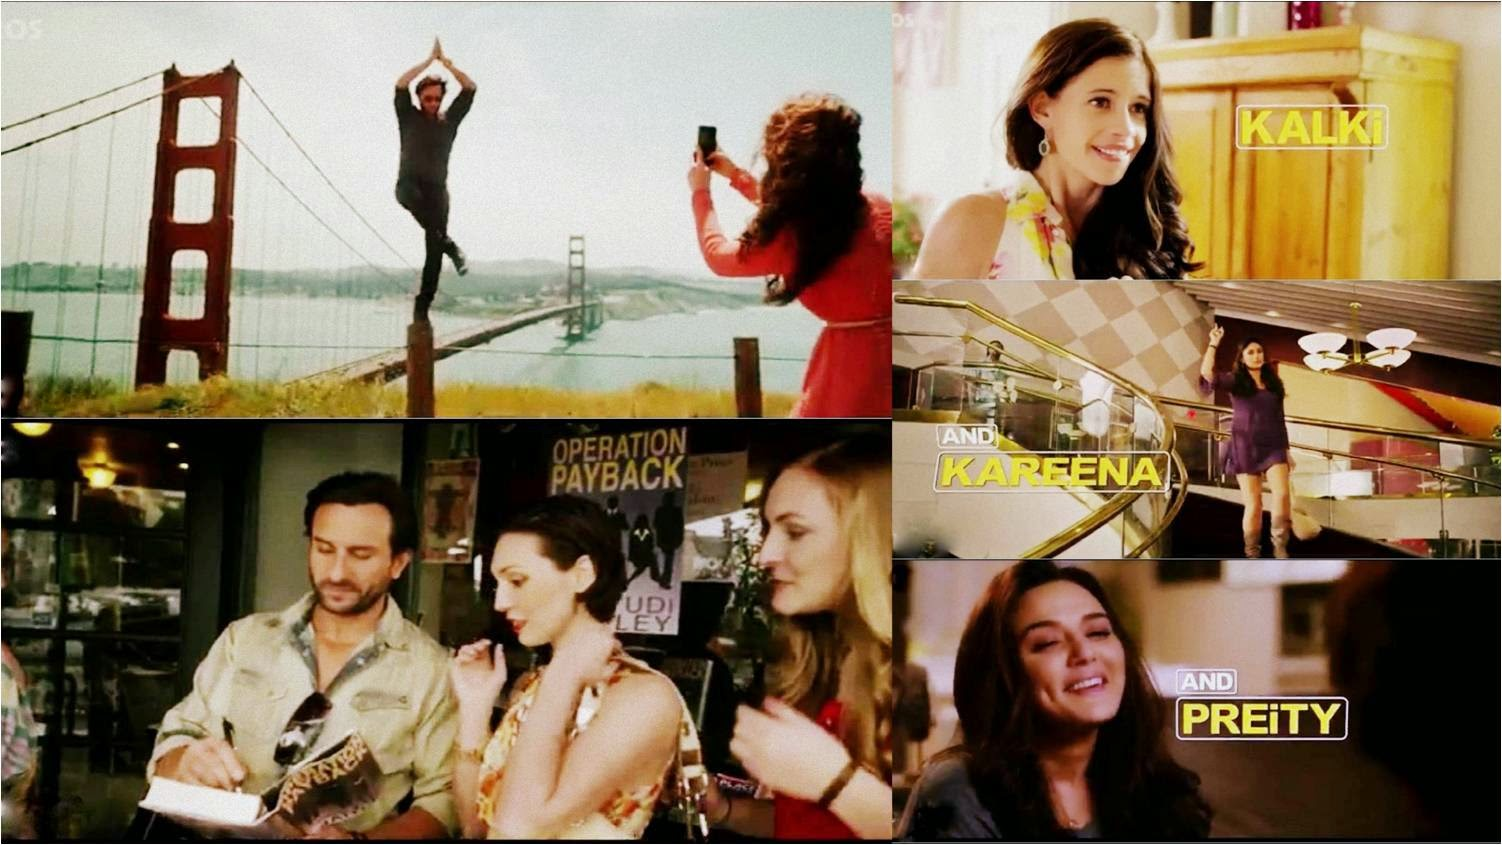 Saif Ali Khan, Ileana D'Cruz, Kalki, Kareena and Preity Zinta in Happy Ending movie stills